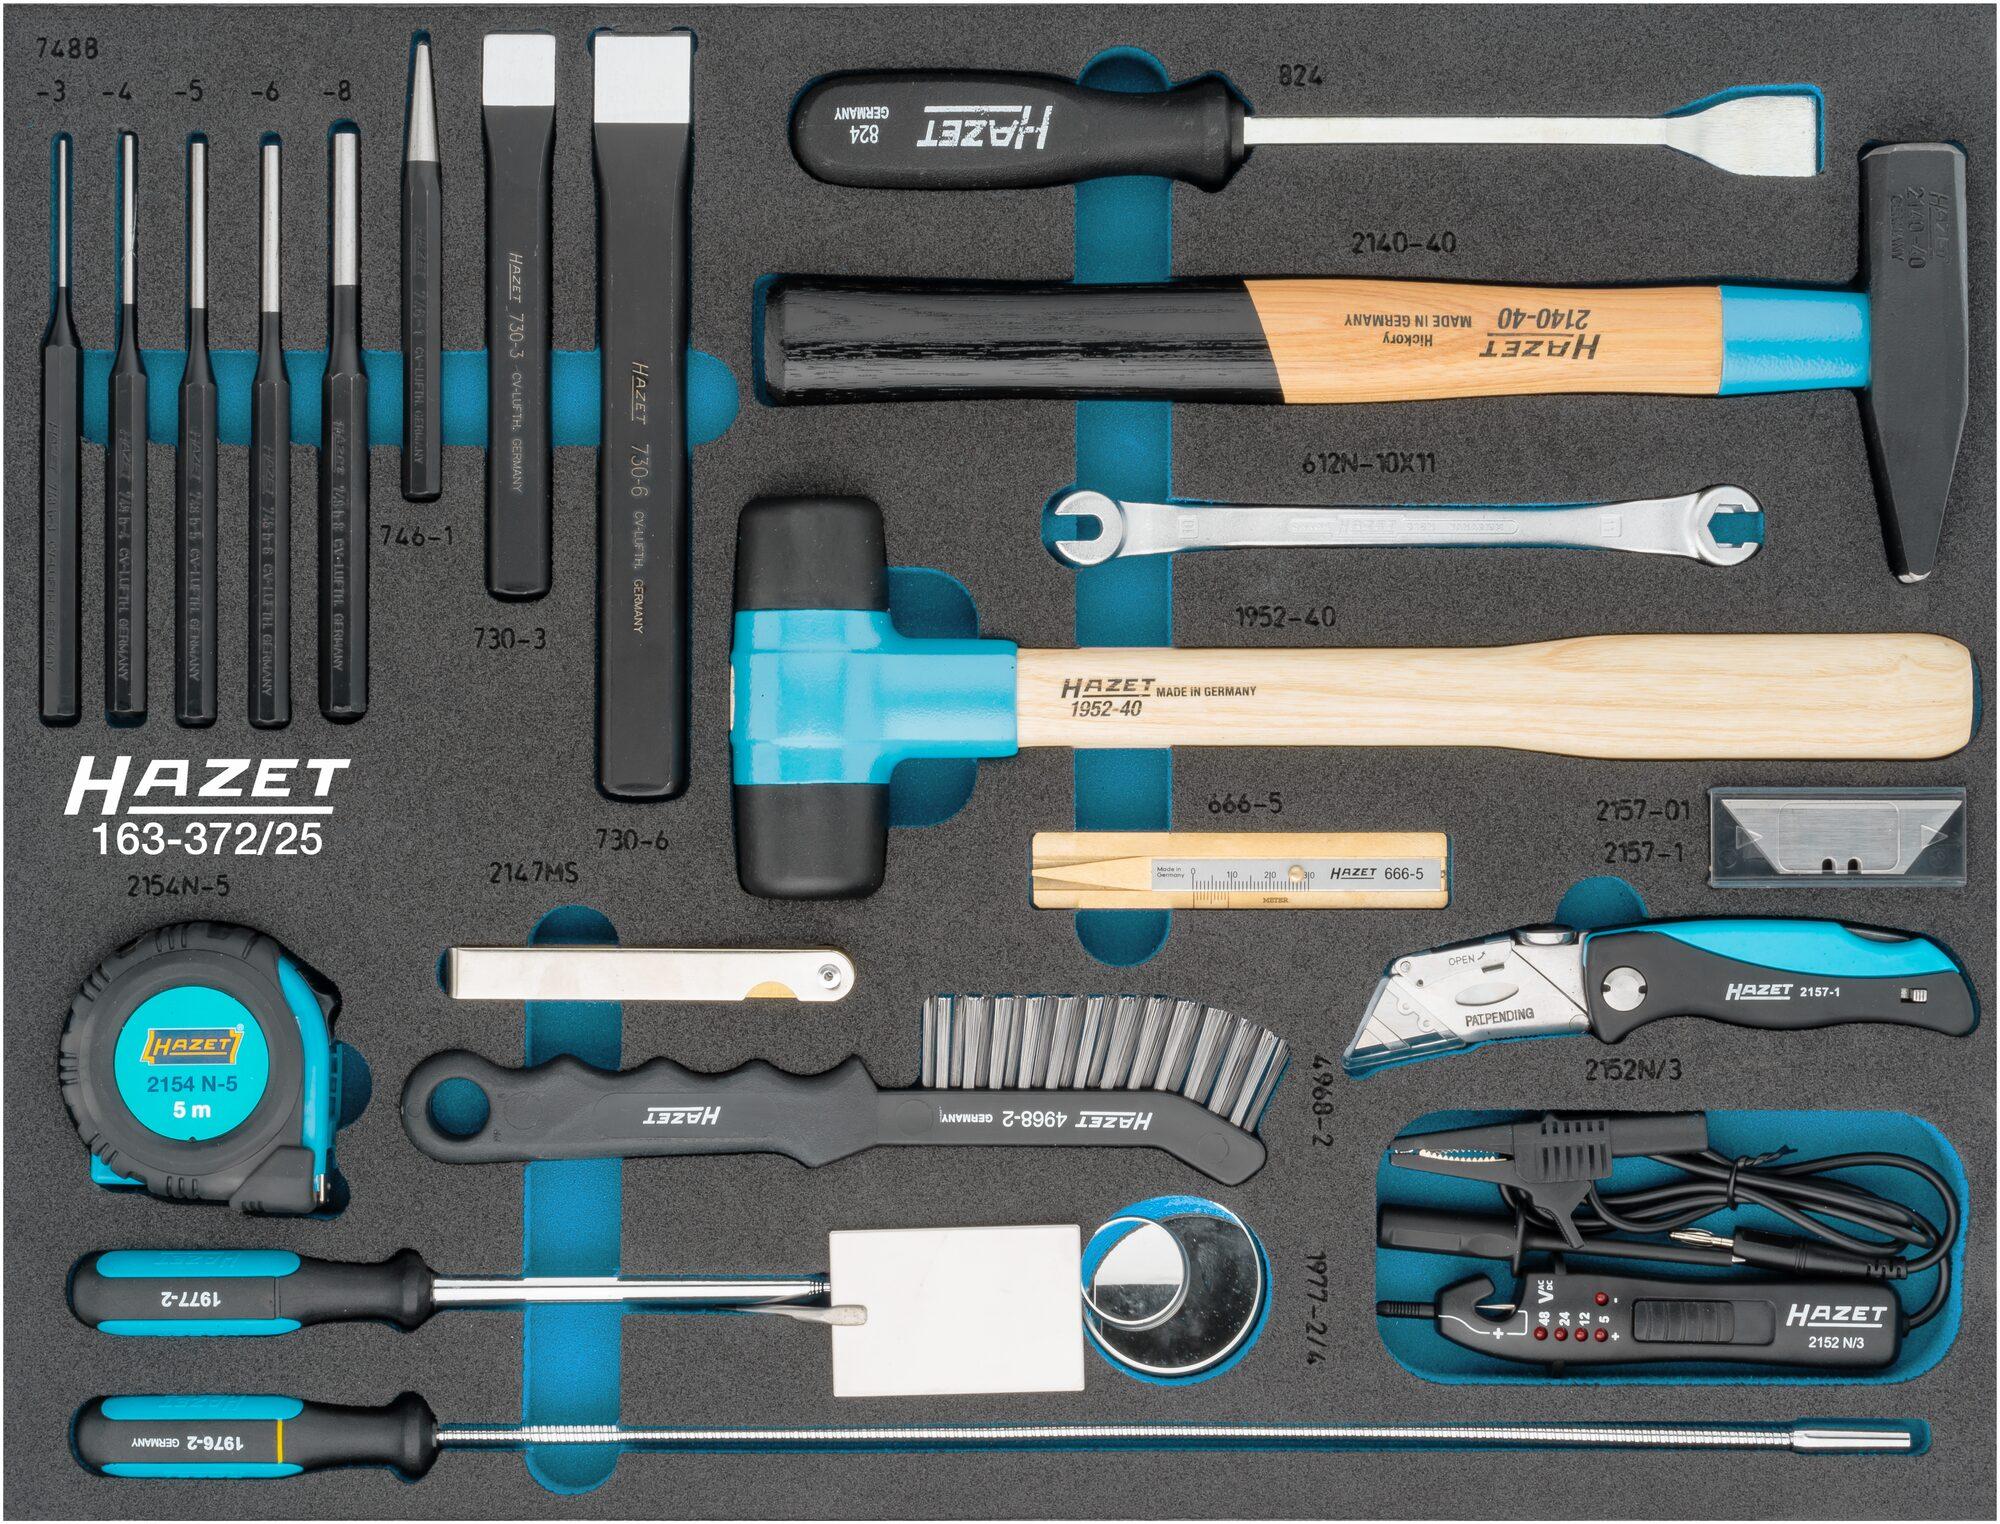 HAZET Universal Satz 163-372/25 ∙ Außen-Sechskant Profil ∙ Anzahl Werkzeuge: 25